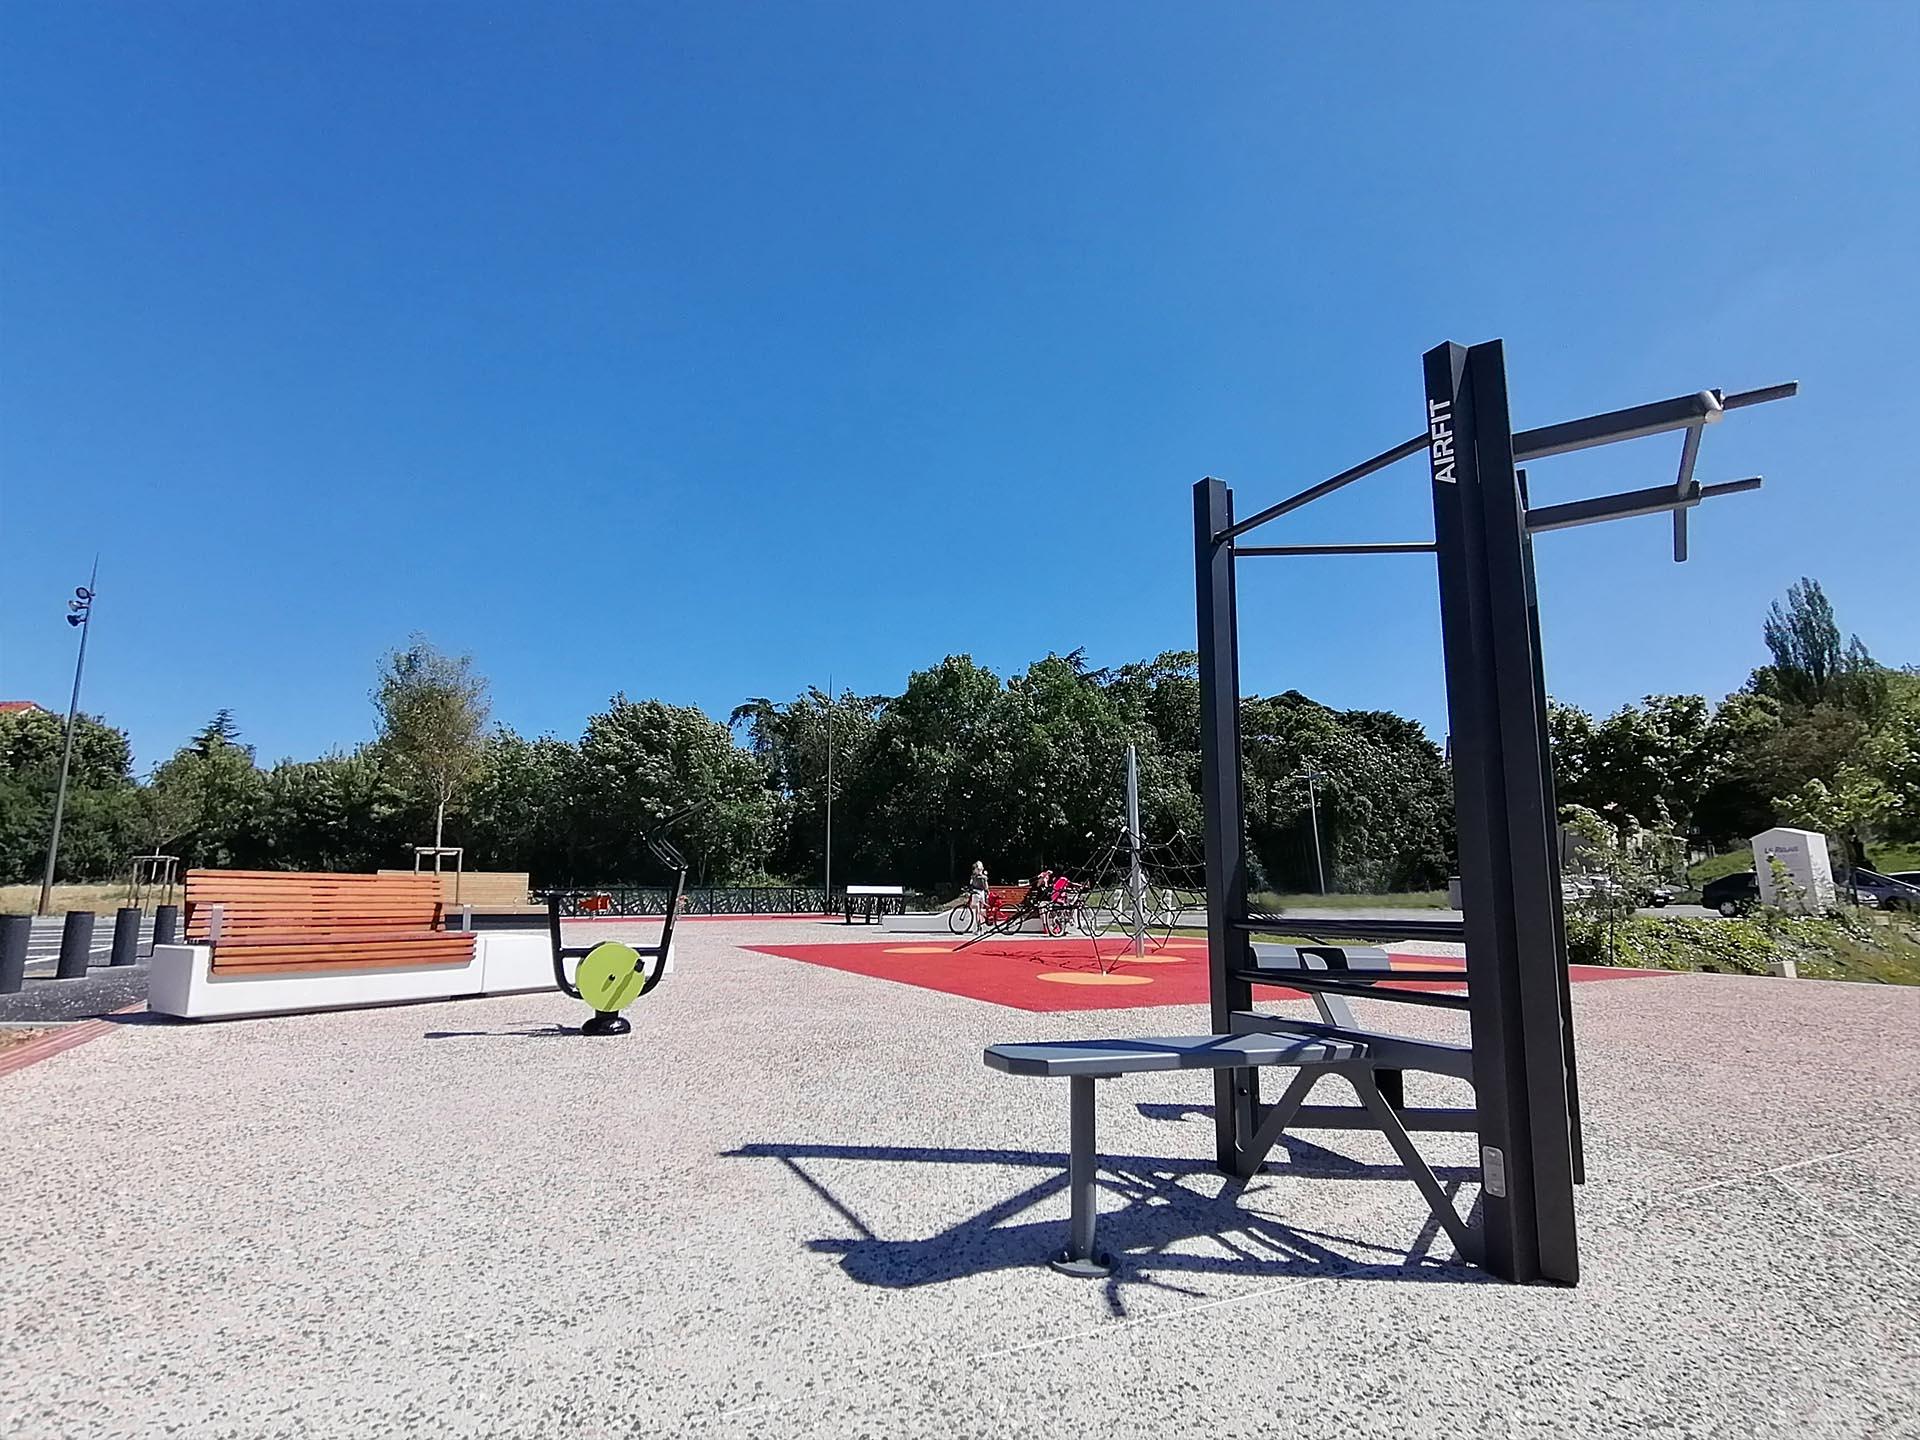 Photo de l'équipement fitness AirFit sur l'esplanade de la fraternité - Nailloux